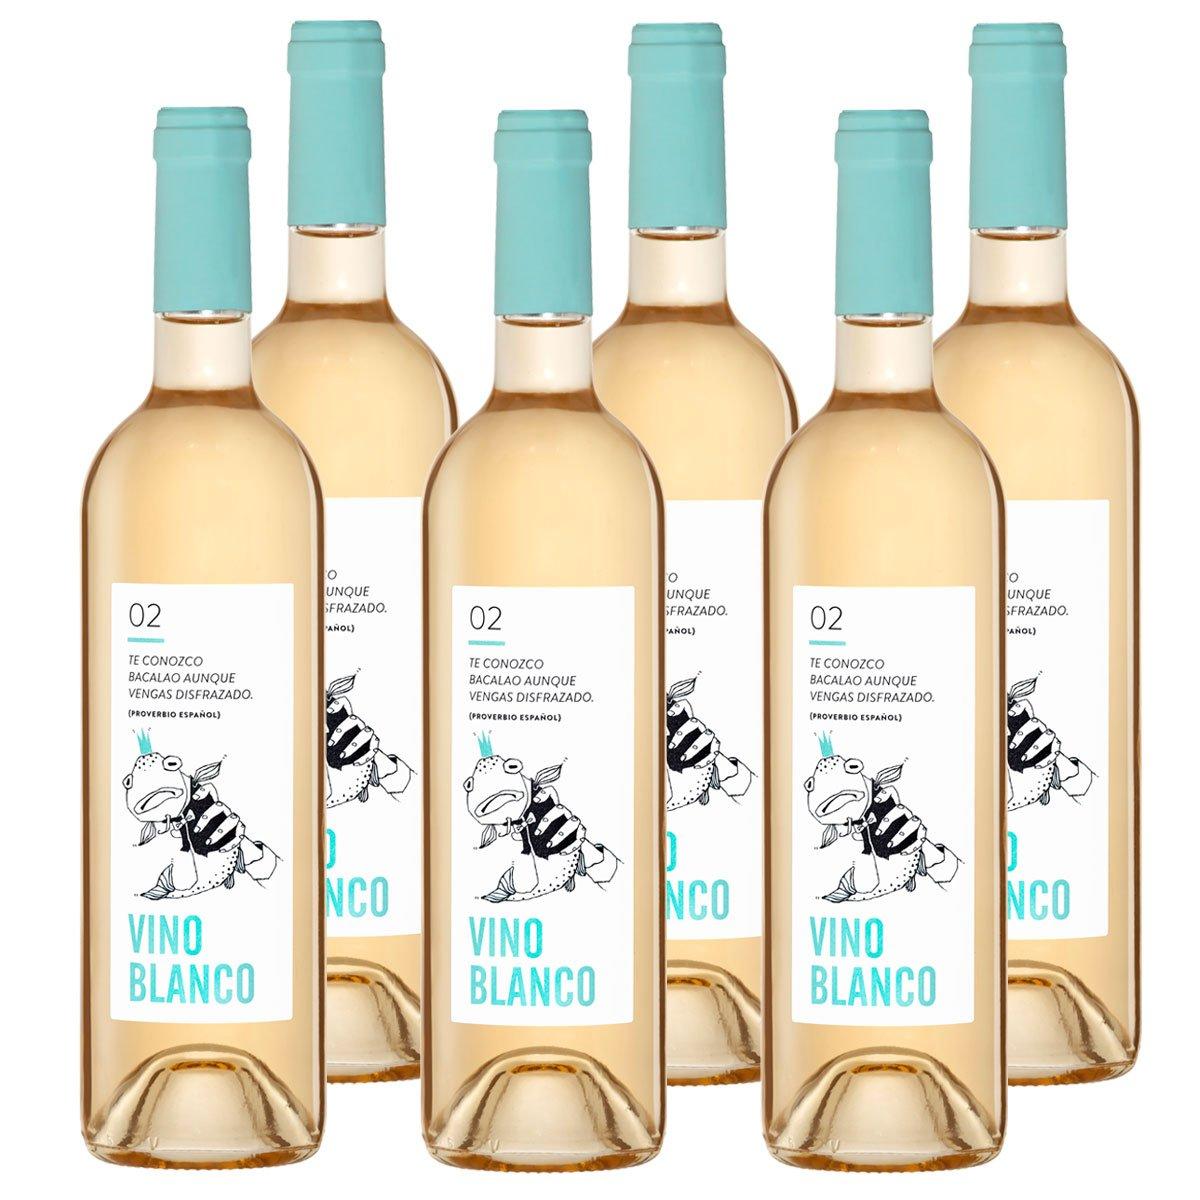 Hausweinpaket-Vino-Blanco-Spar-Set-6-Flaschen-Macabeo-und-Chardonnay-DO-Utiel-Requena